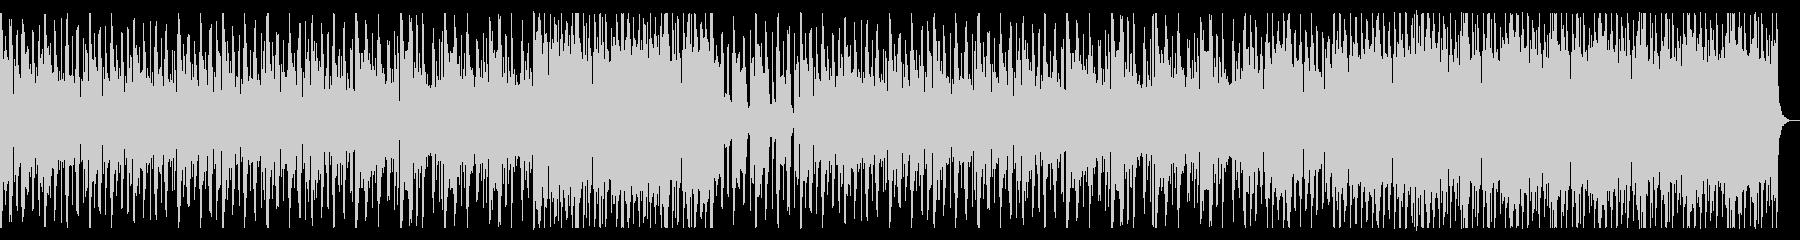 ドライブミュージック_No632_1の未再生の波形